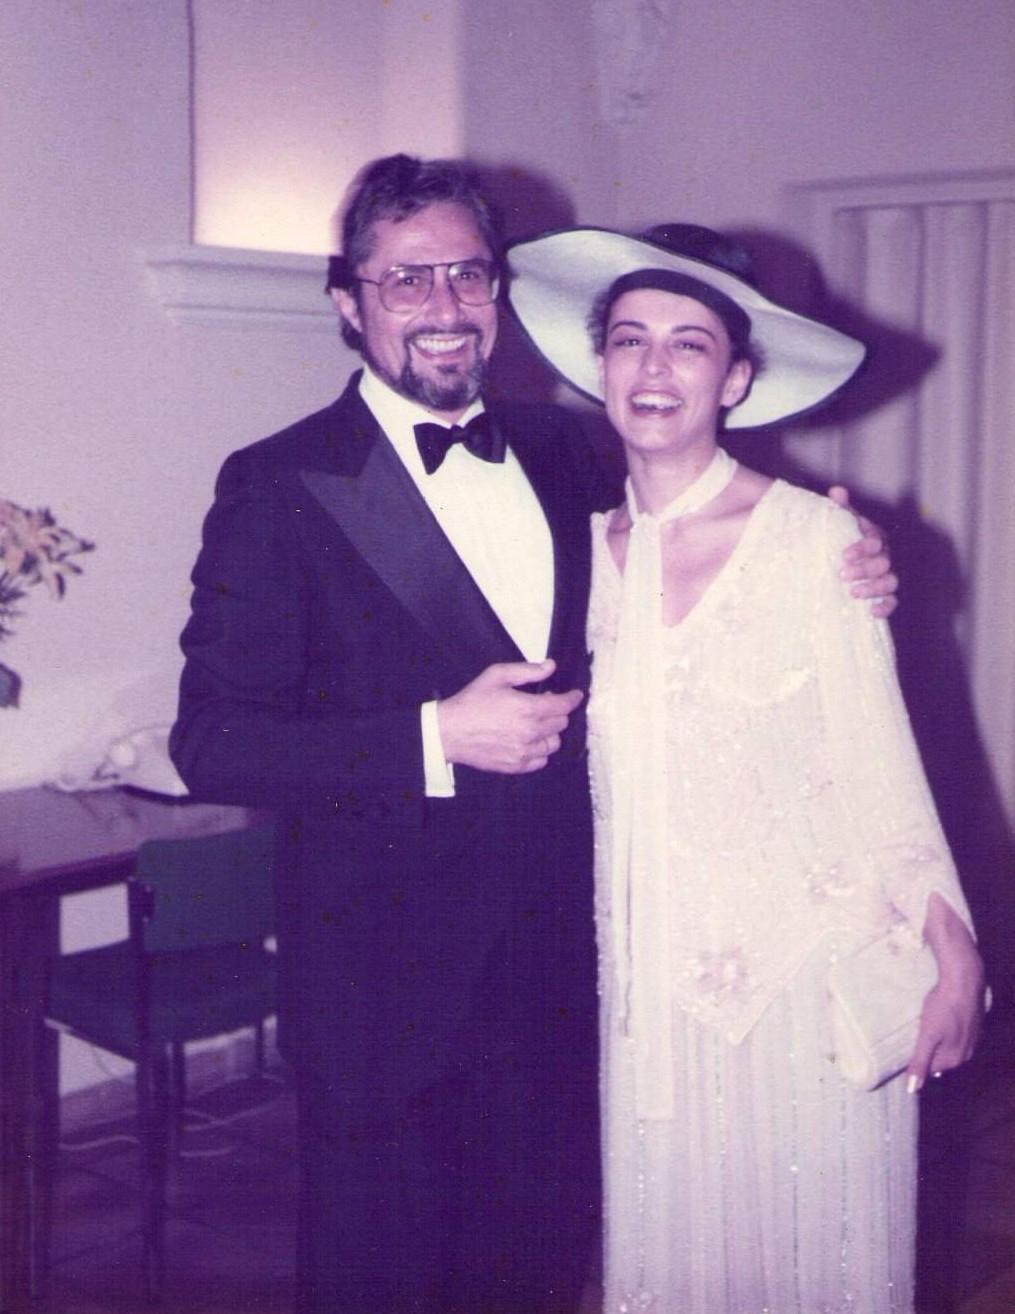 Уникална снимка: Никола и Анна Мария Гюзелеви на тяхната сватба през 1984 г.